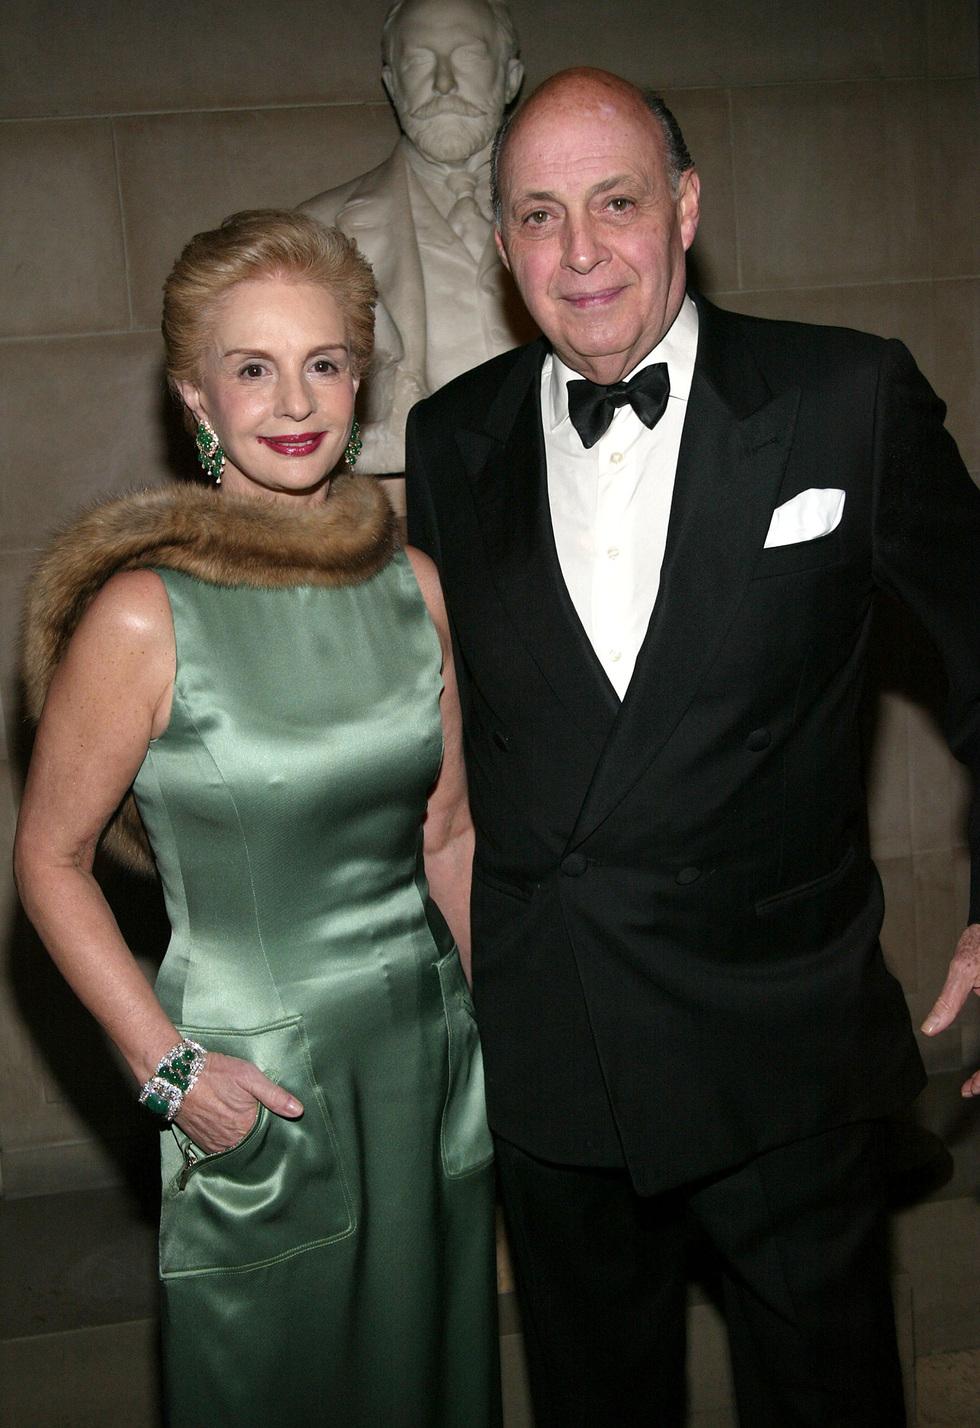 2e08def3b4 En 2004 junto a su marido, Reinaldo Herrera, en una fiesta en la Frick  Collection, y en un retrato de los setenta.Getty